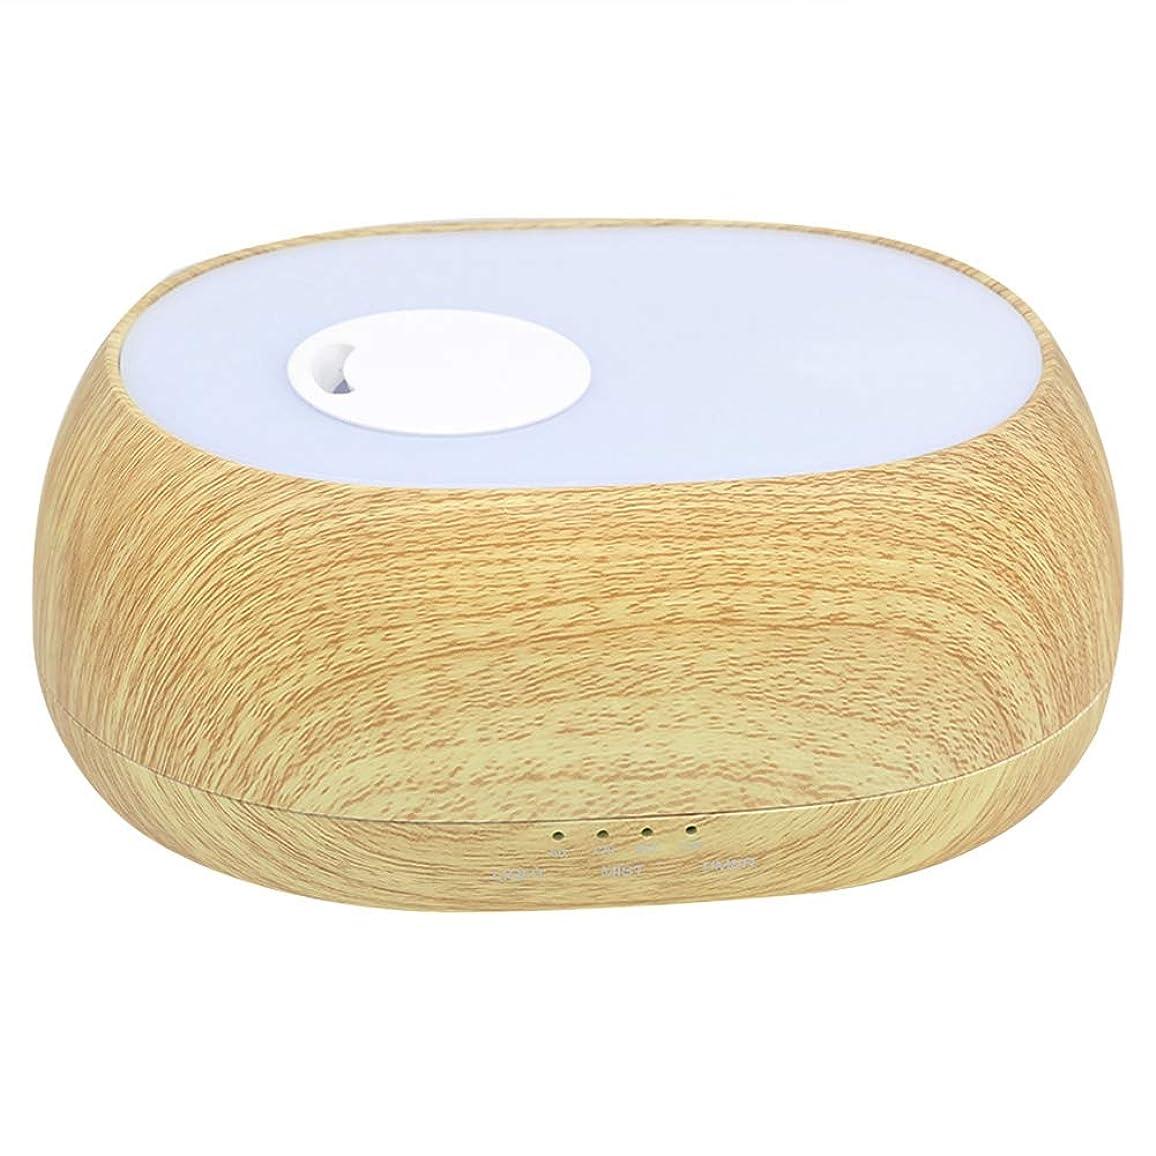 サミュエル繊毛公平な加湿器 超音波 クールミスト 7色ライト アロマセラピー 芳香 オイル蒸発器 ディフューザー エッセンシャルオイル エアー浄化 (500ml)(#1)